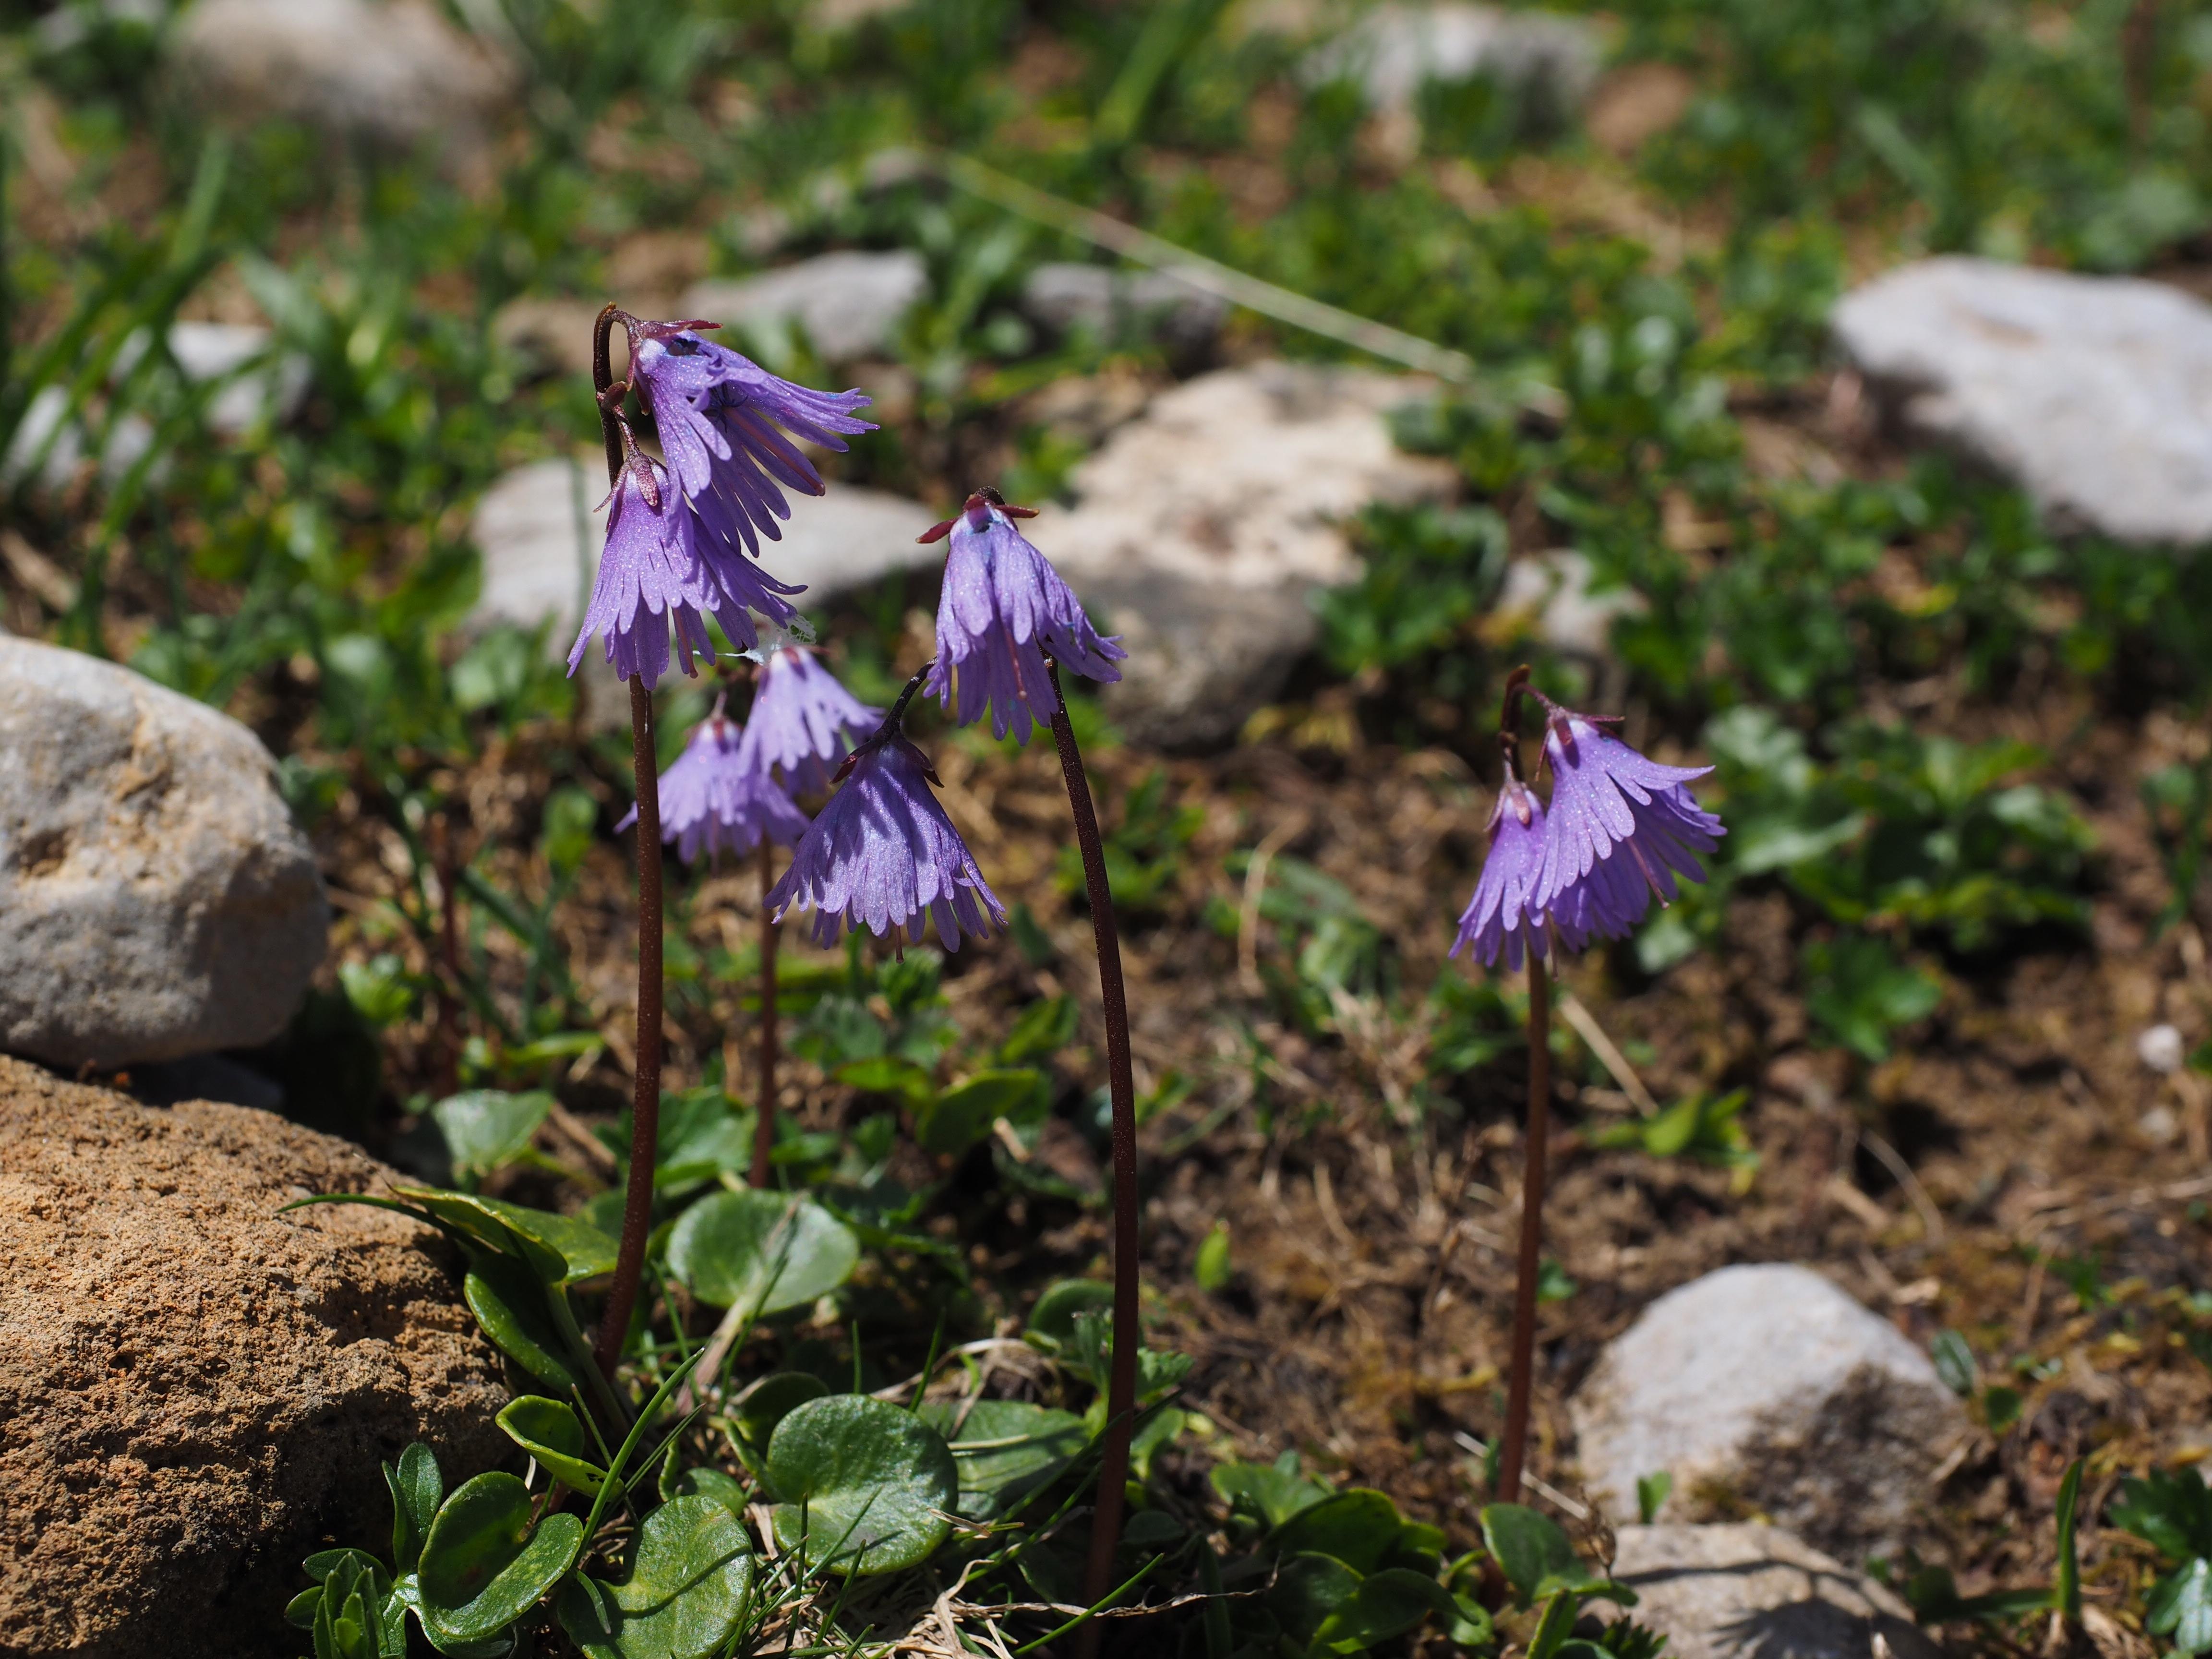 kostenlose foto blume lila bl hen kraut botanik flora wildblume blumen violett viola. Black Bedroom Furniture Sets. Home Design Ideas